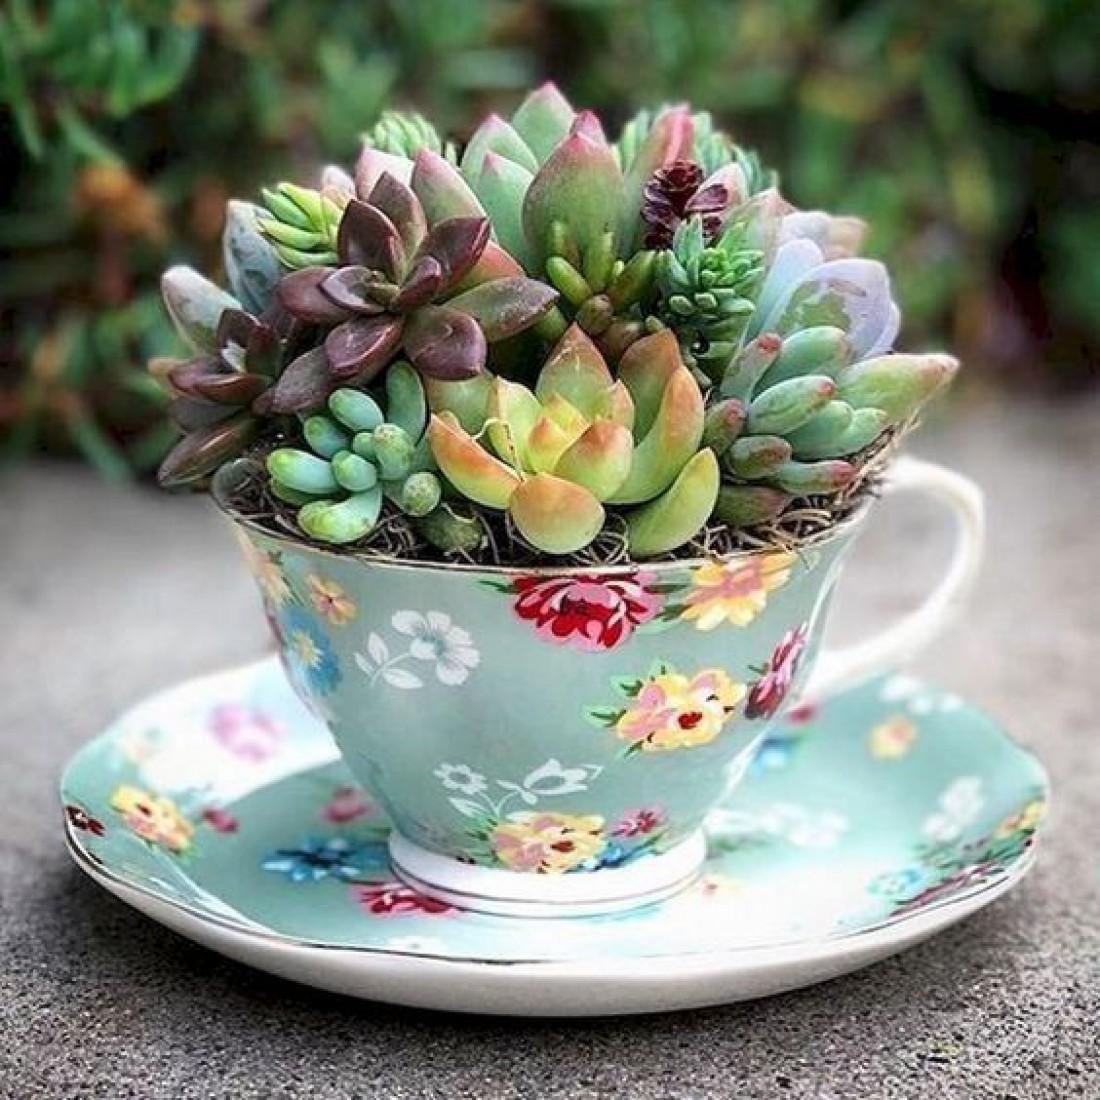 Подарок на 8 марта для бабушки: Растение в оригинальном вазоне